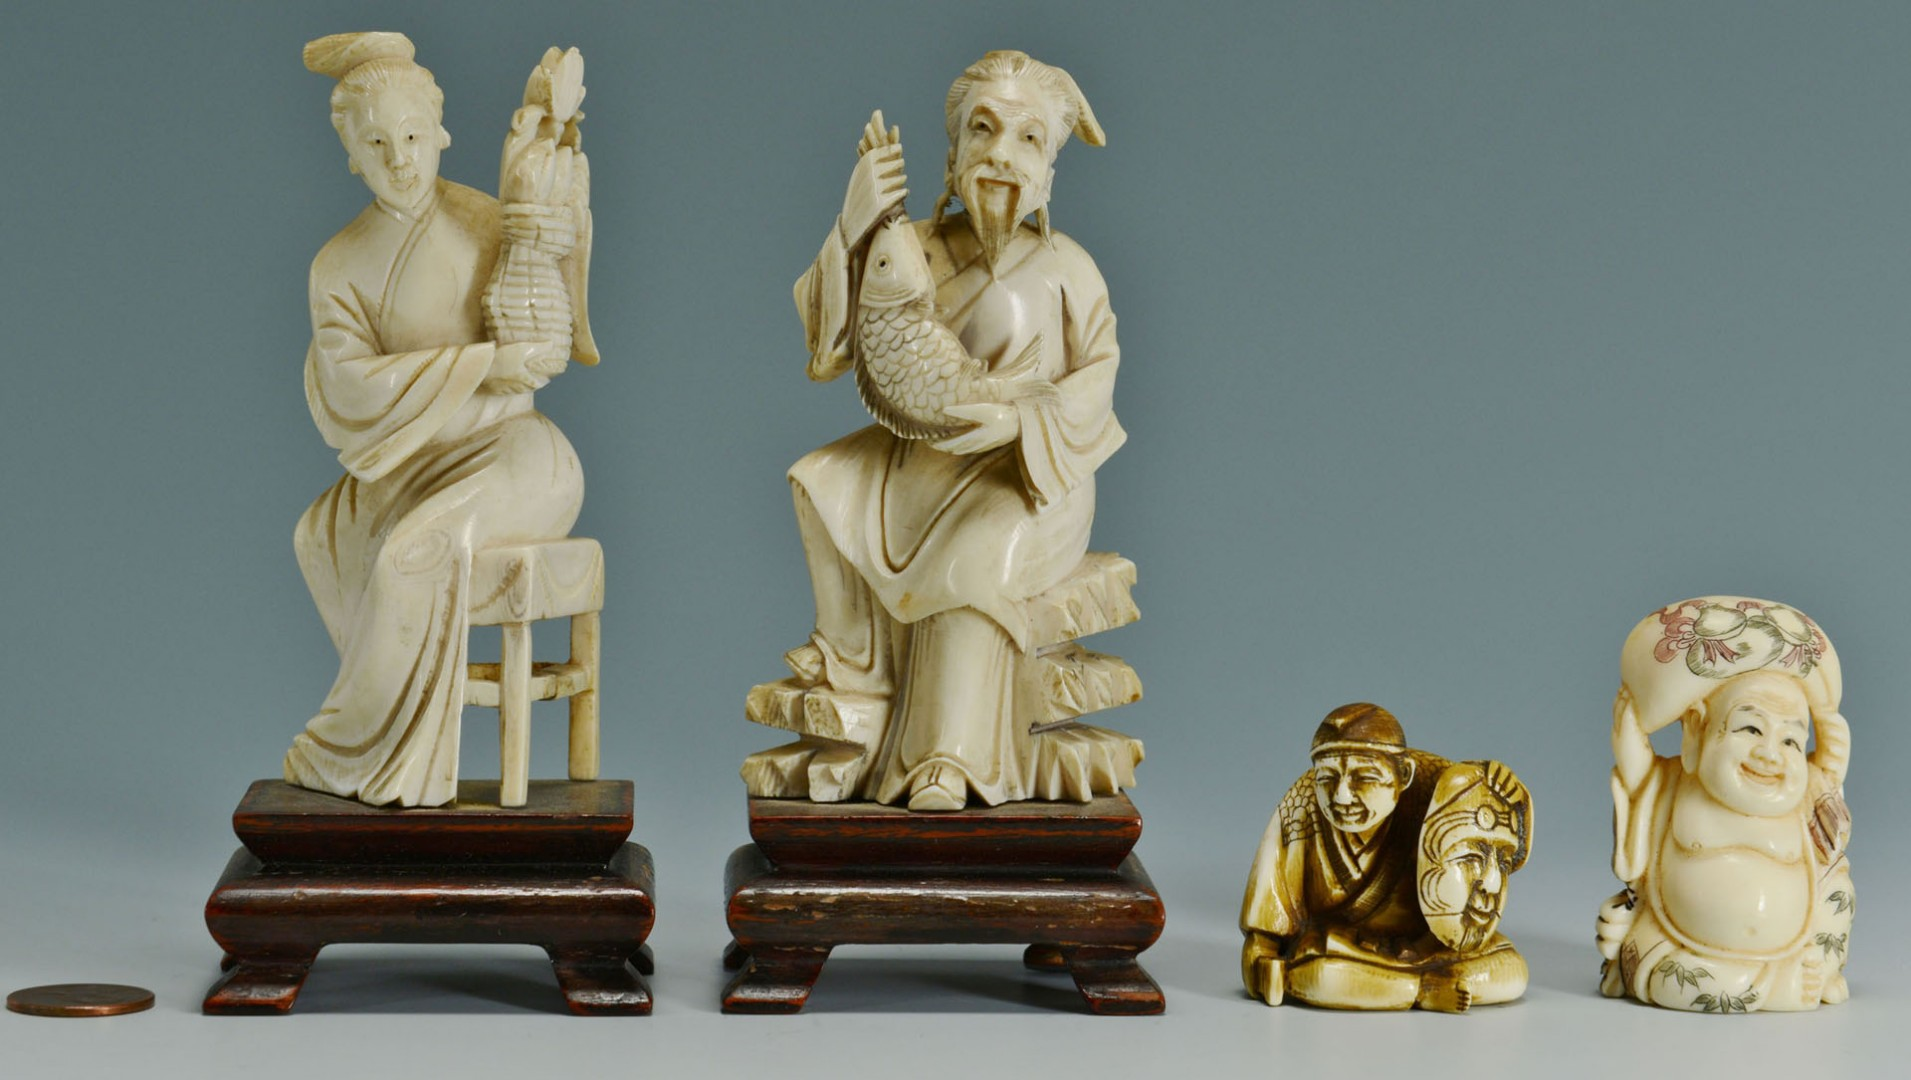 Lot 247: 2 Chinese Ivory Figures & 2 Ivory Netsukes